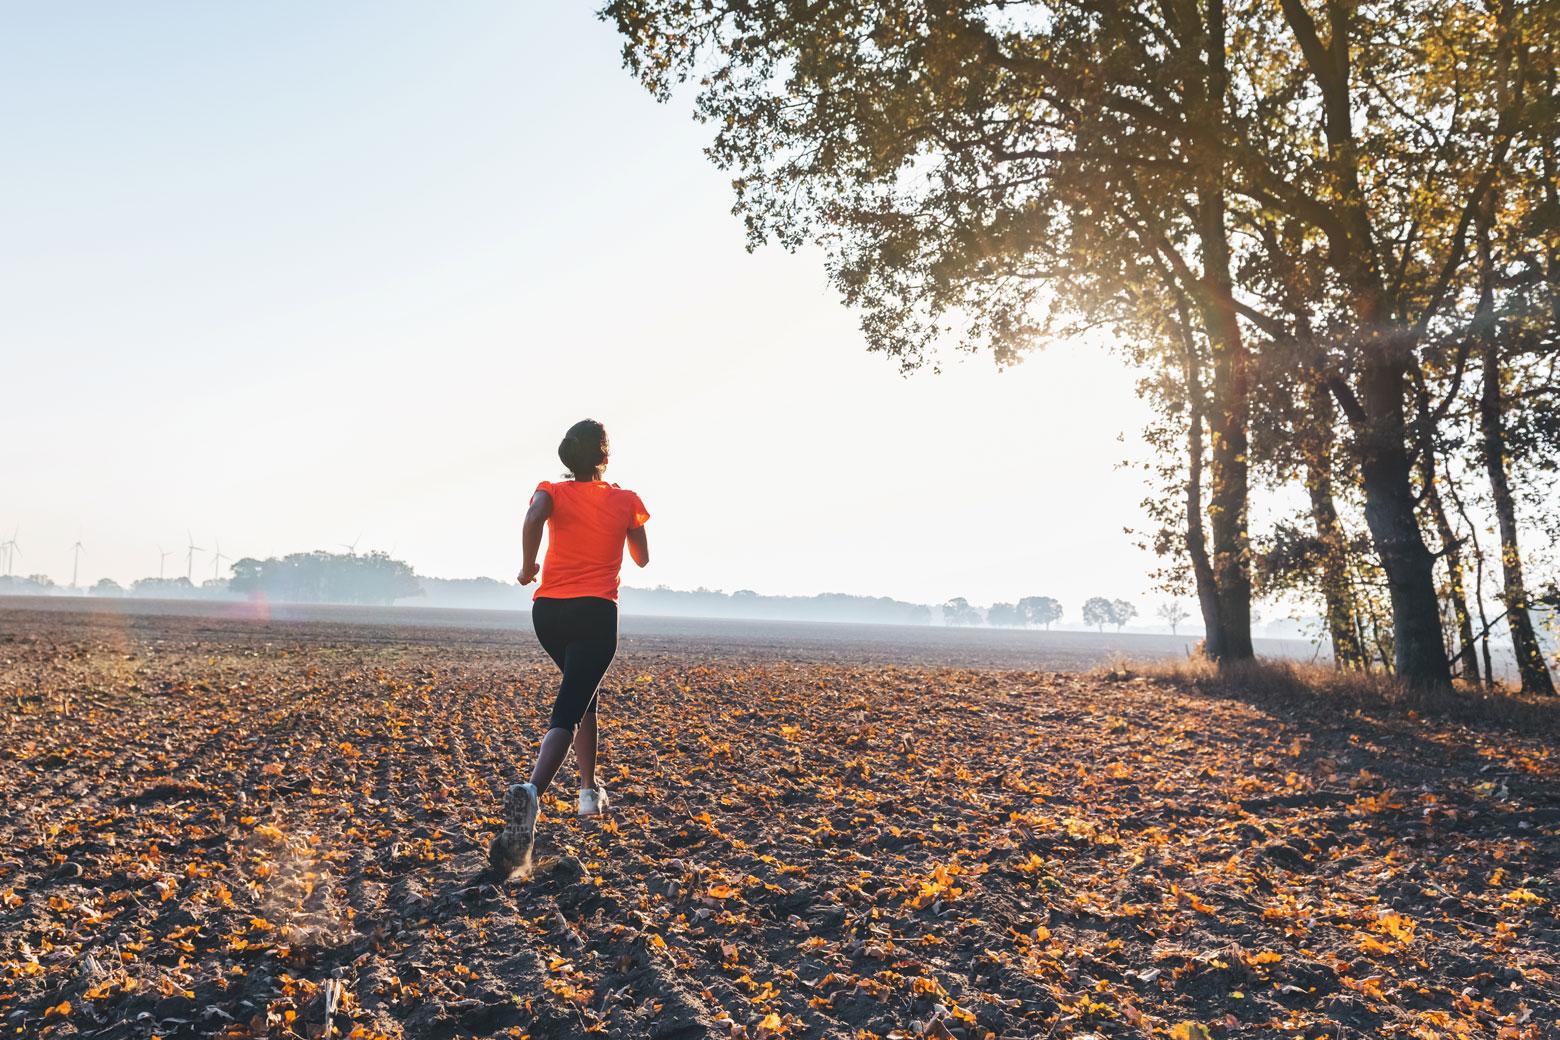 Mit gesunden Beinen geht man leichter durchs Leben